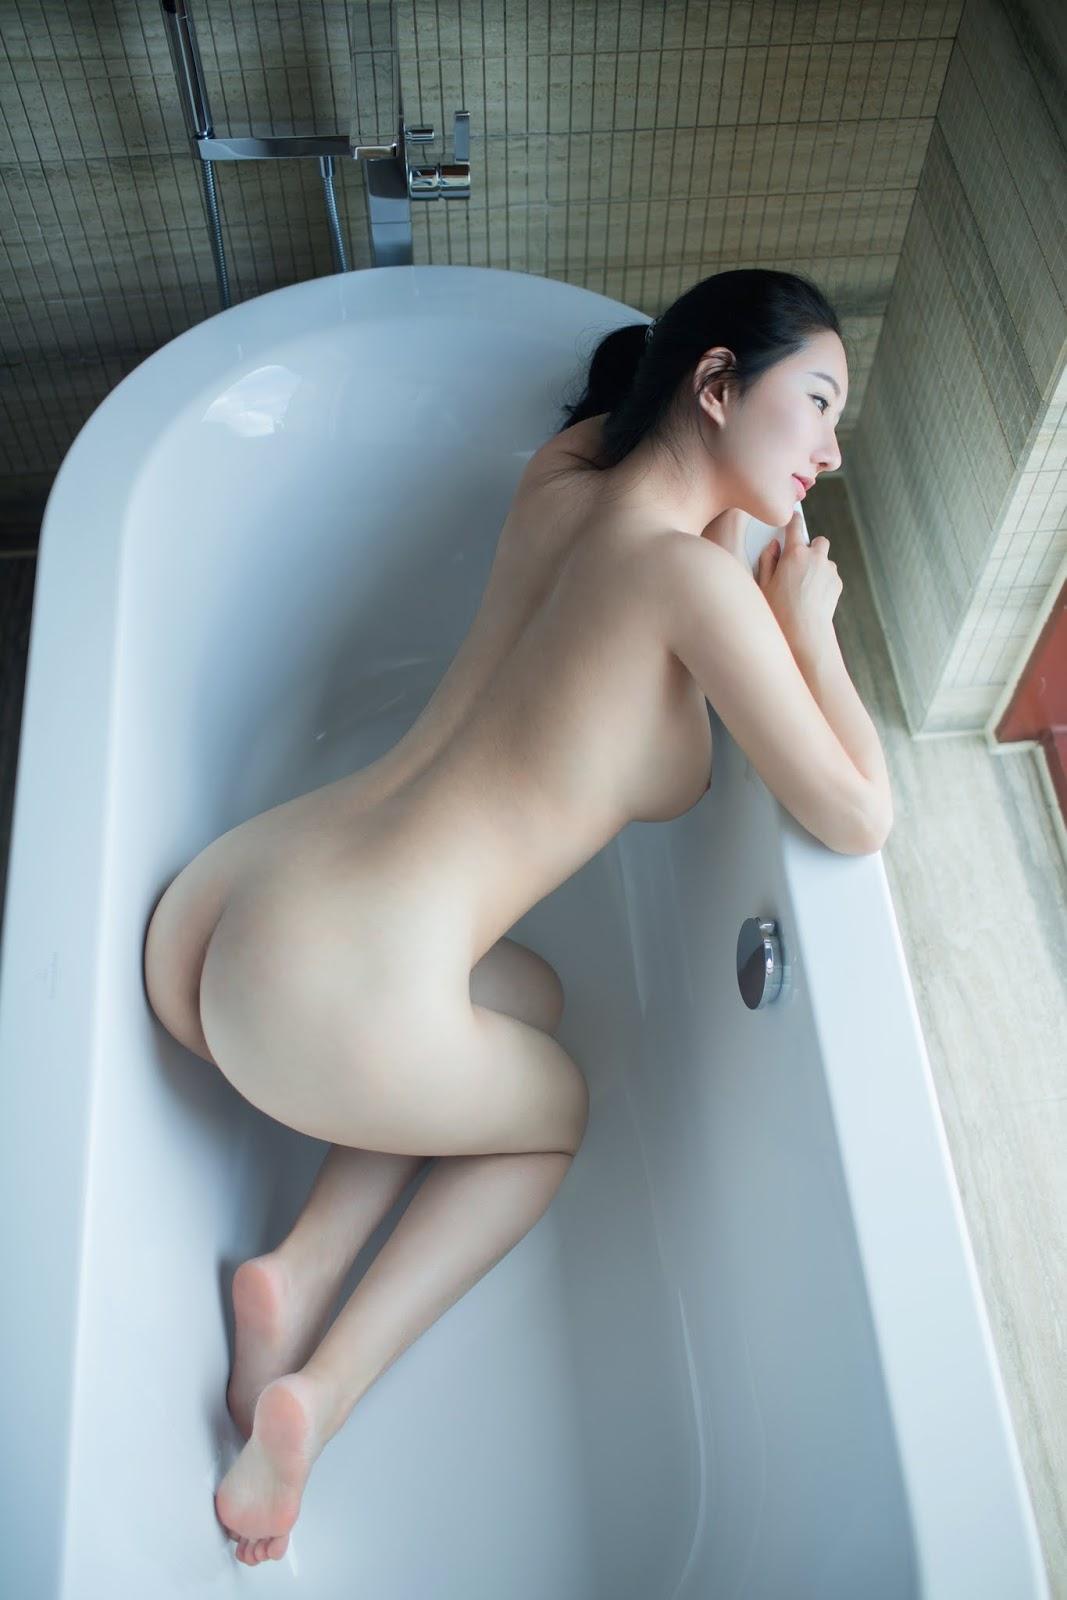 Ass hot latina